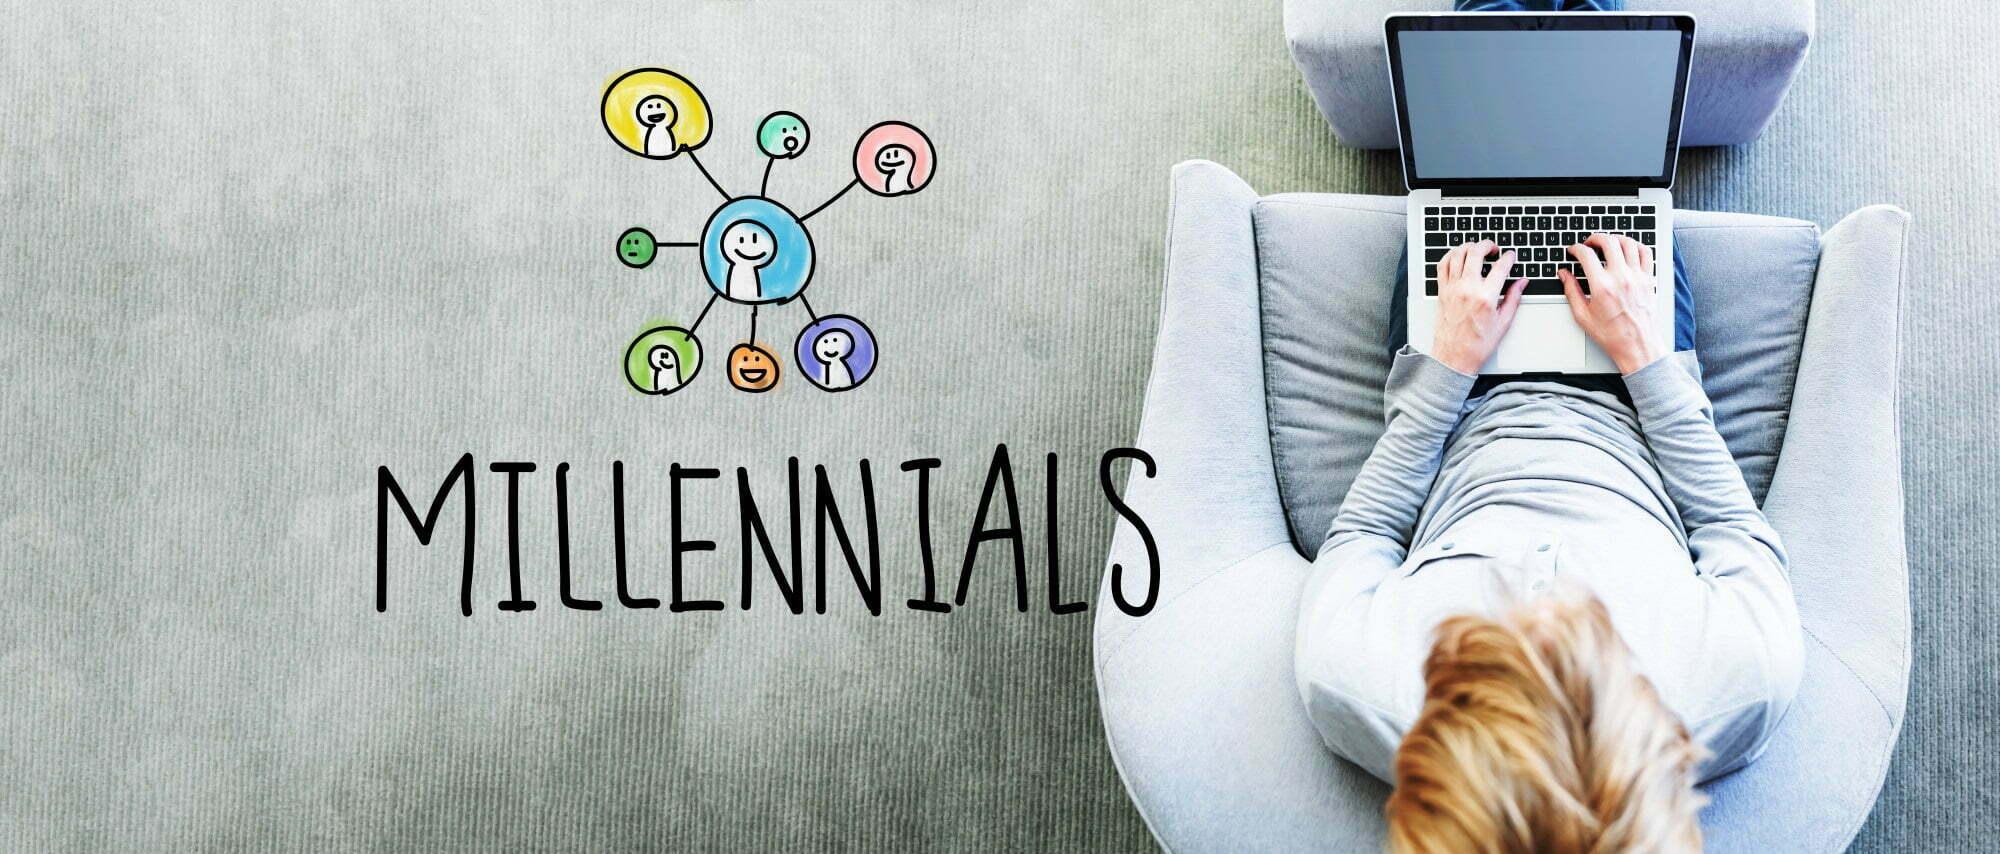 Millennials text with man using a laptop